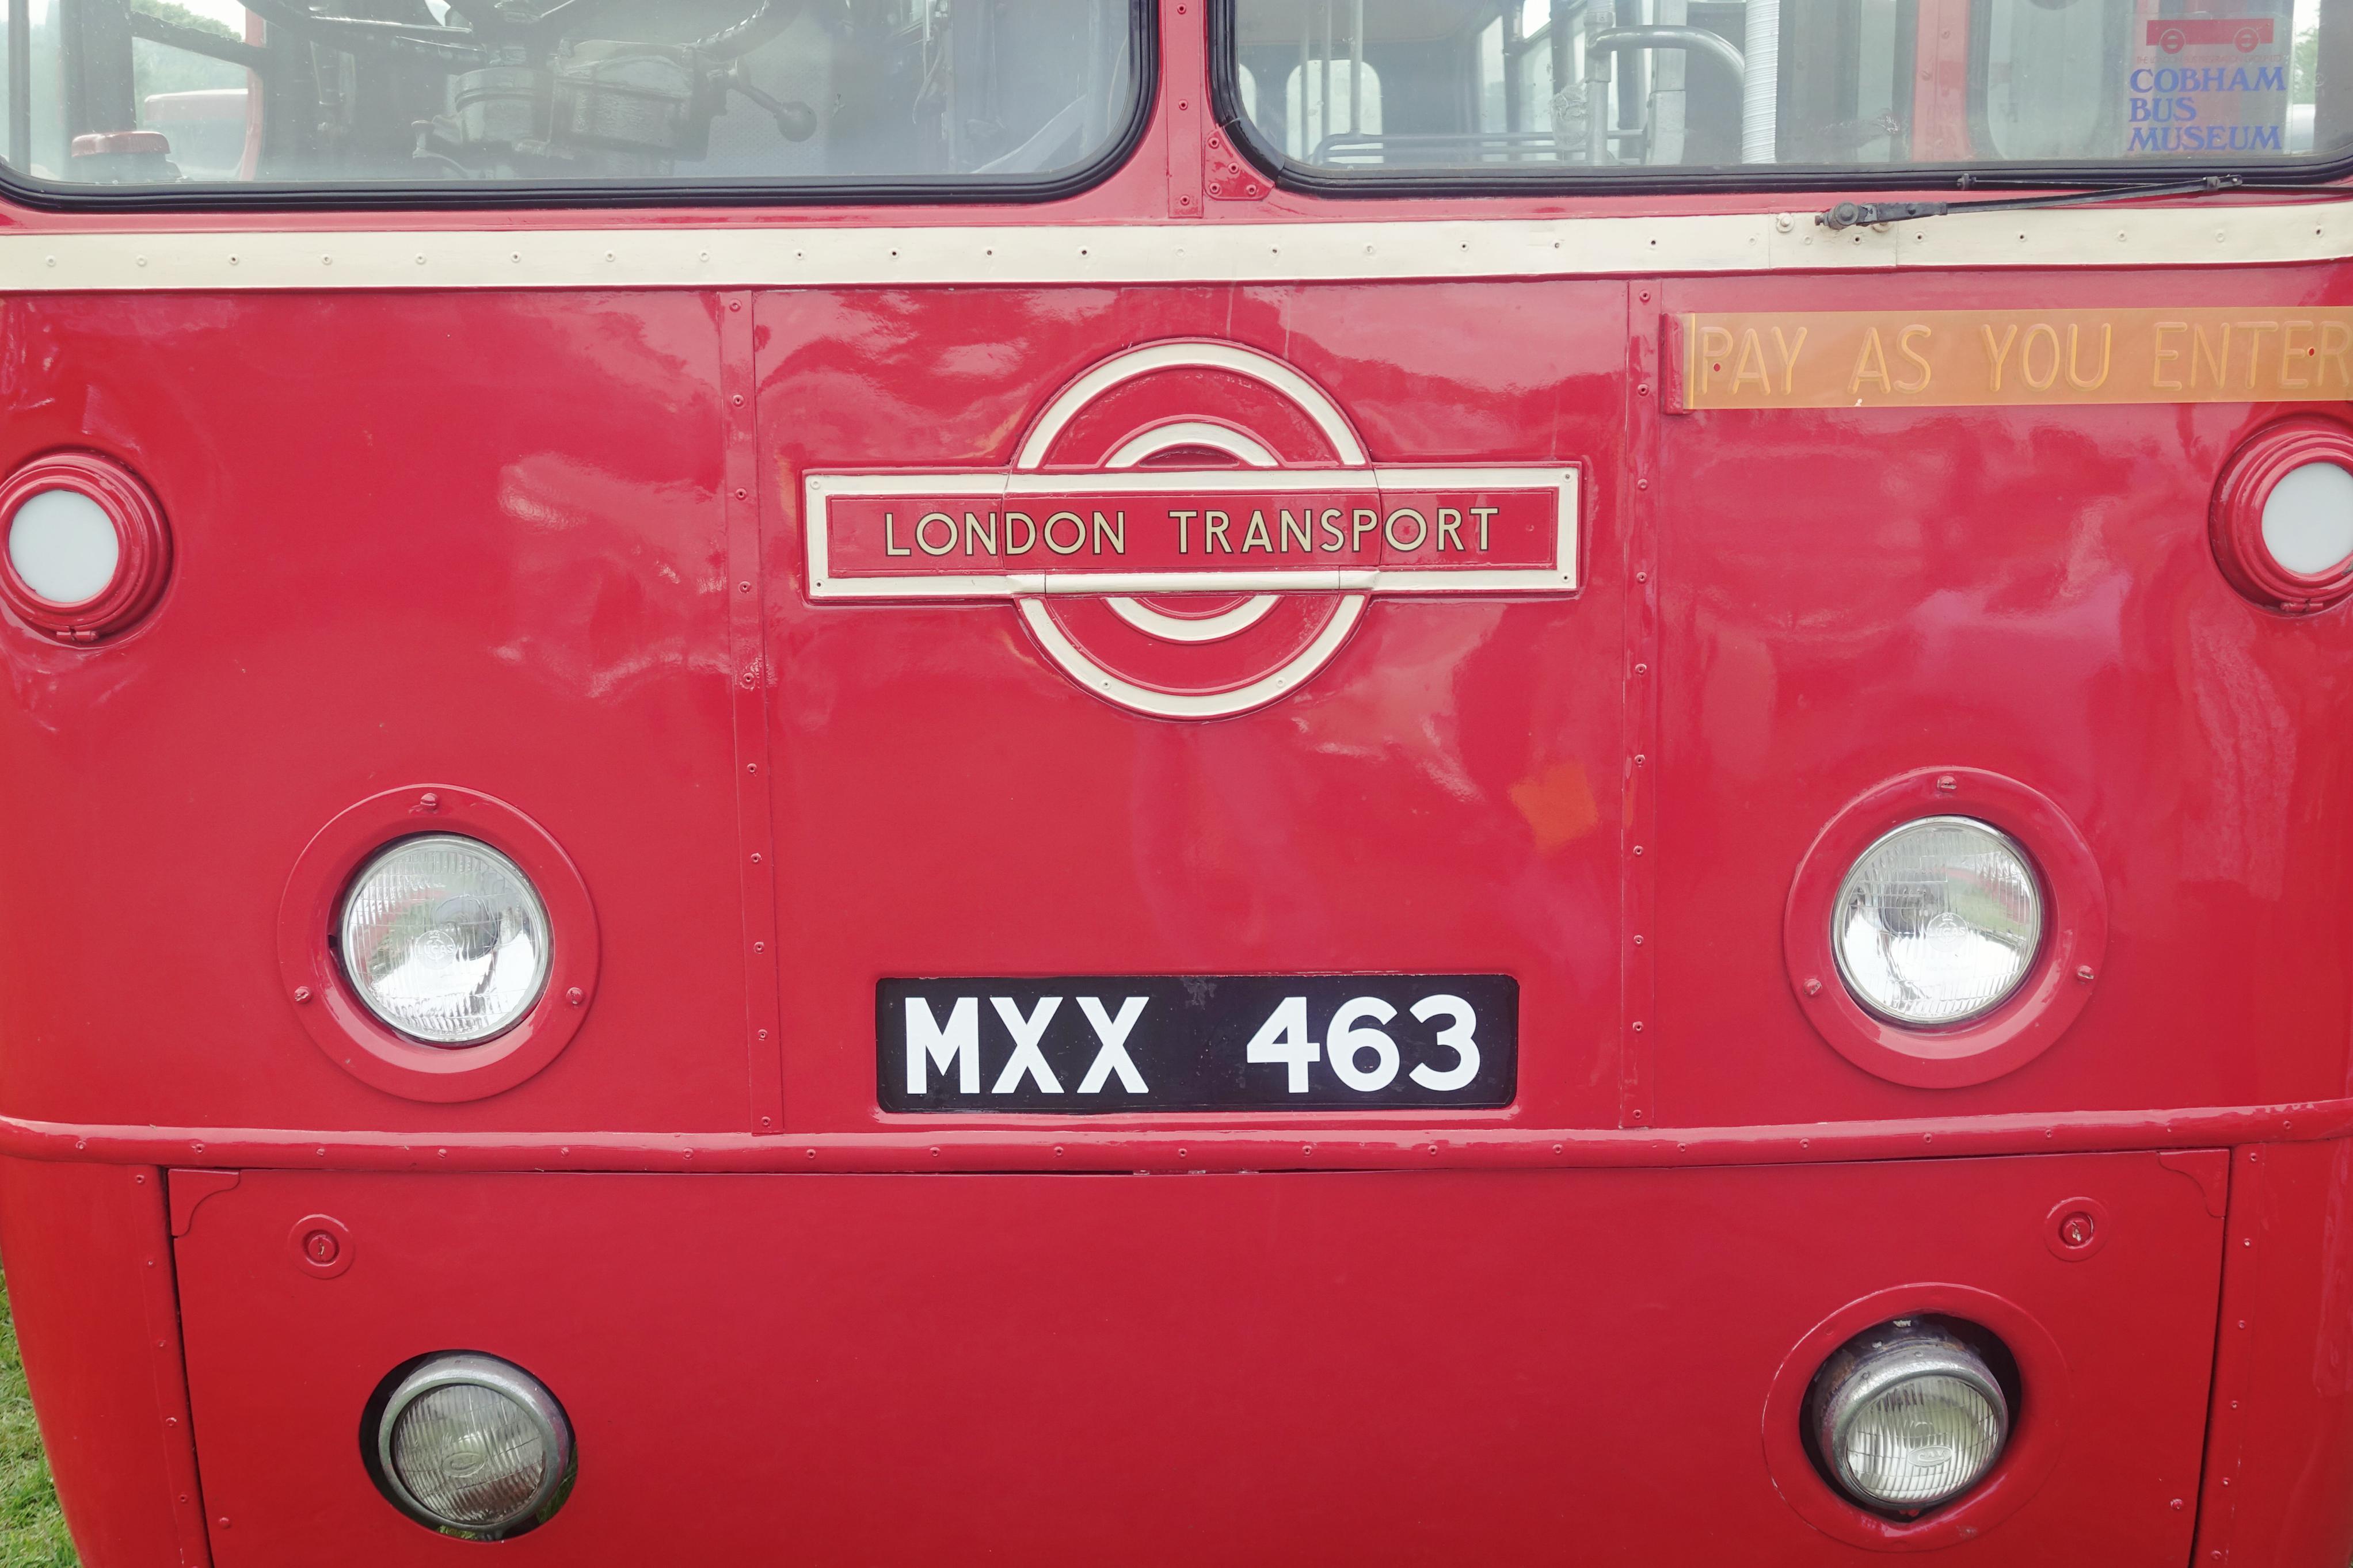 London-to-brighton-blog-de-moda-Chicadicta-PiensaenChic-fashion-travel-que-ver-en-londres-vintage-style-Chic-adicta-influencer-Piensa-en-Chic